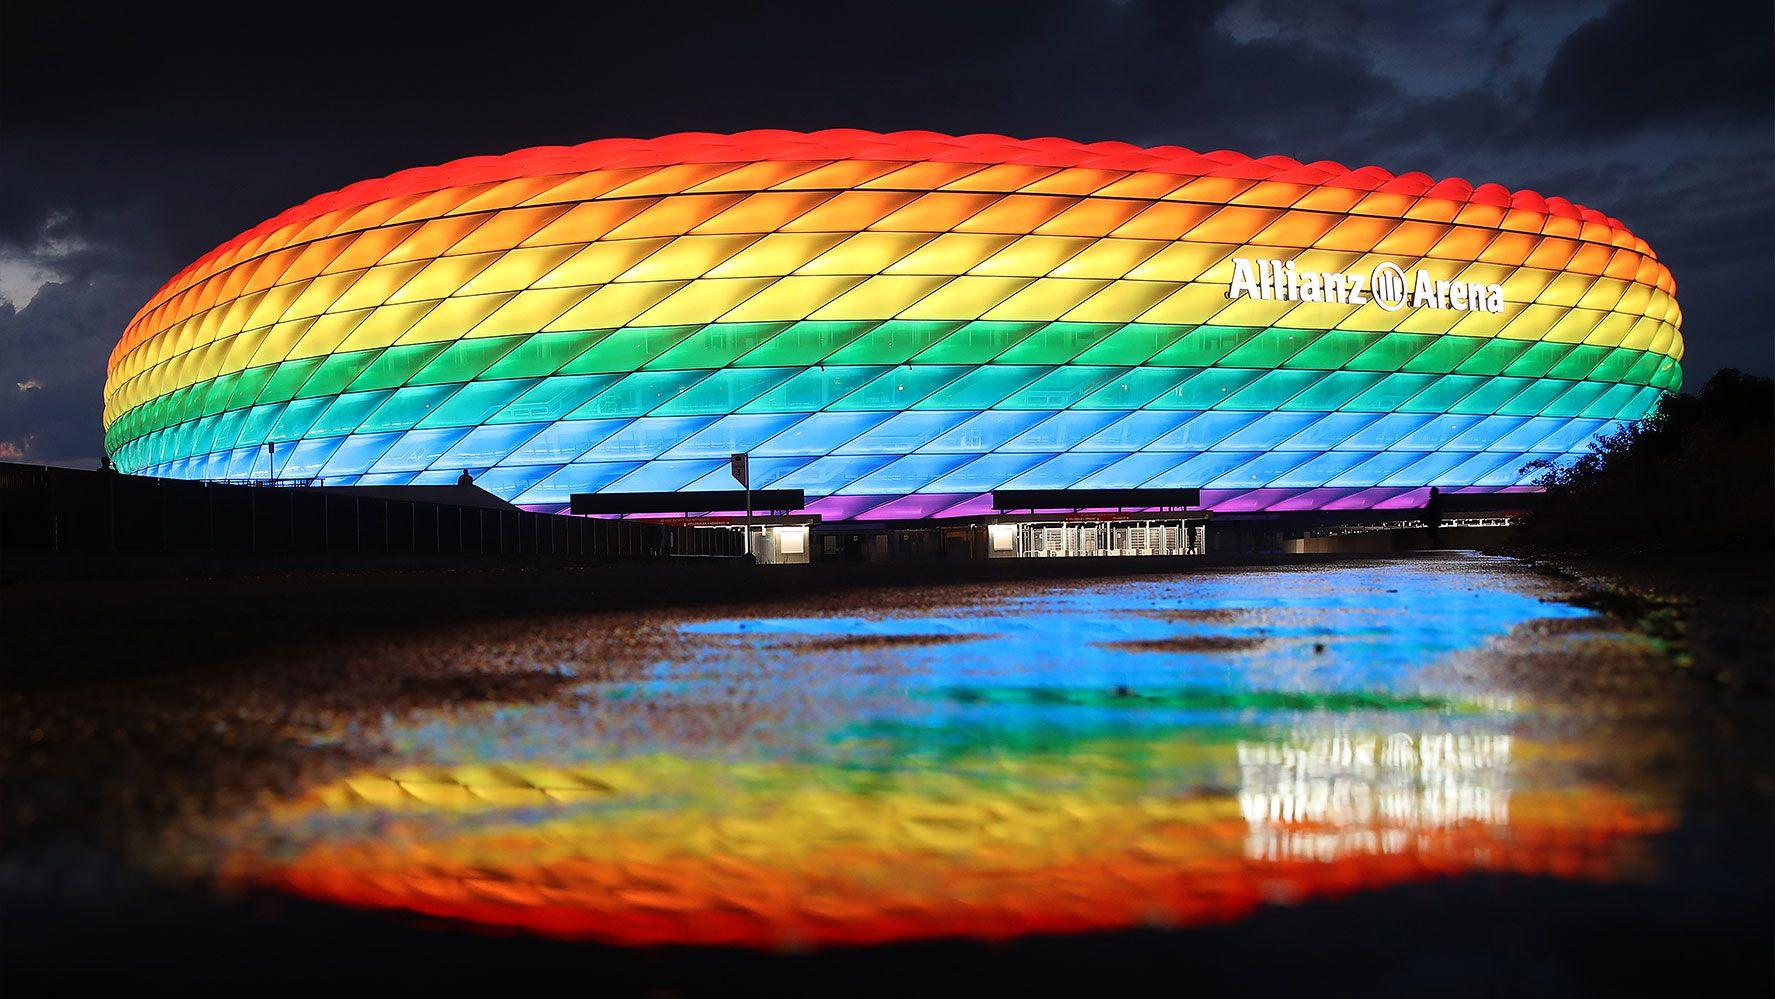 BUDAPOST: Streit um Regenbogensymbolik bei der EURO 2020